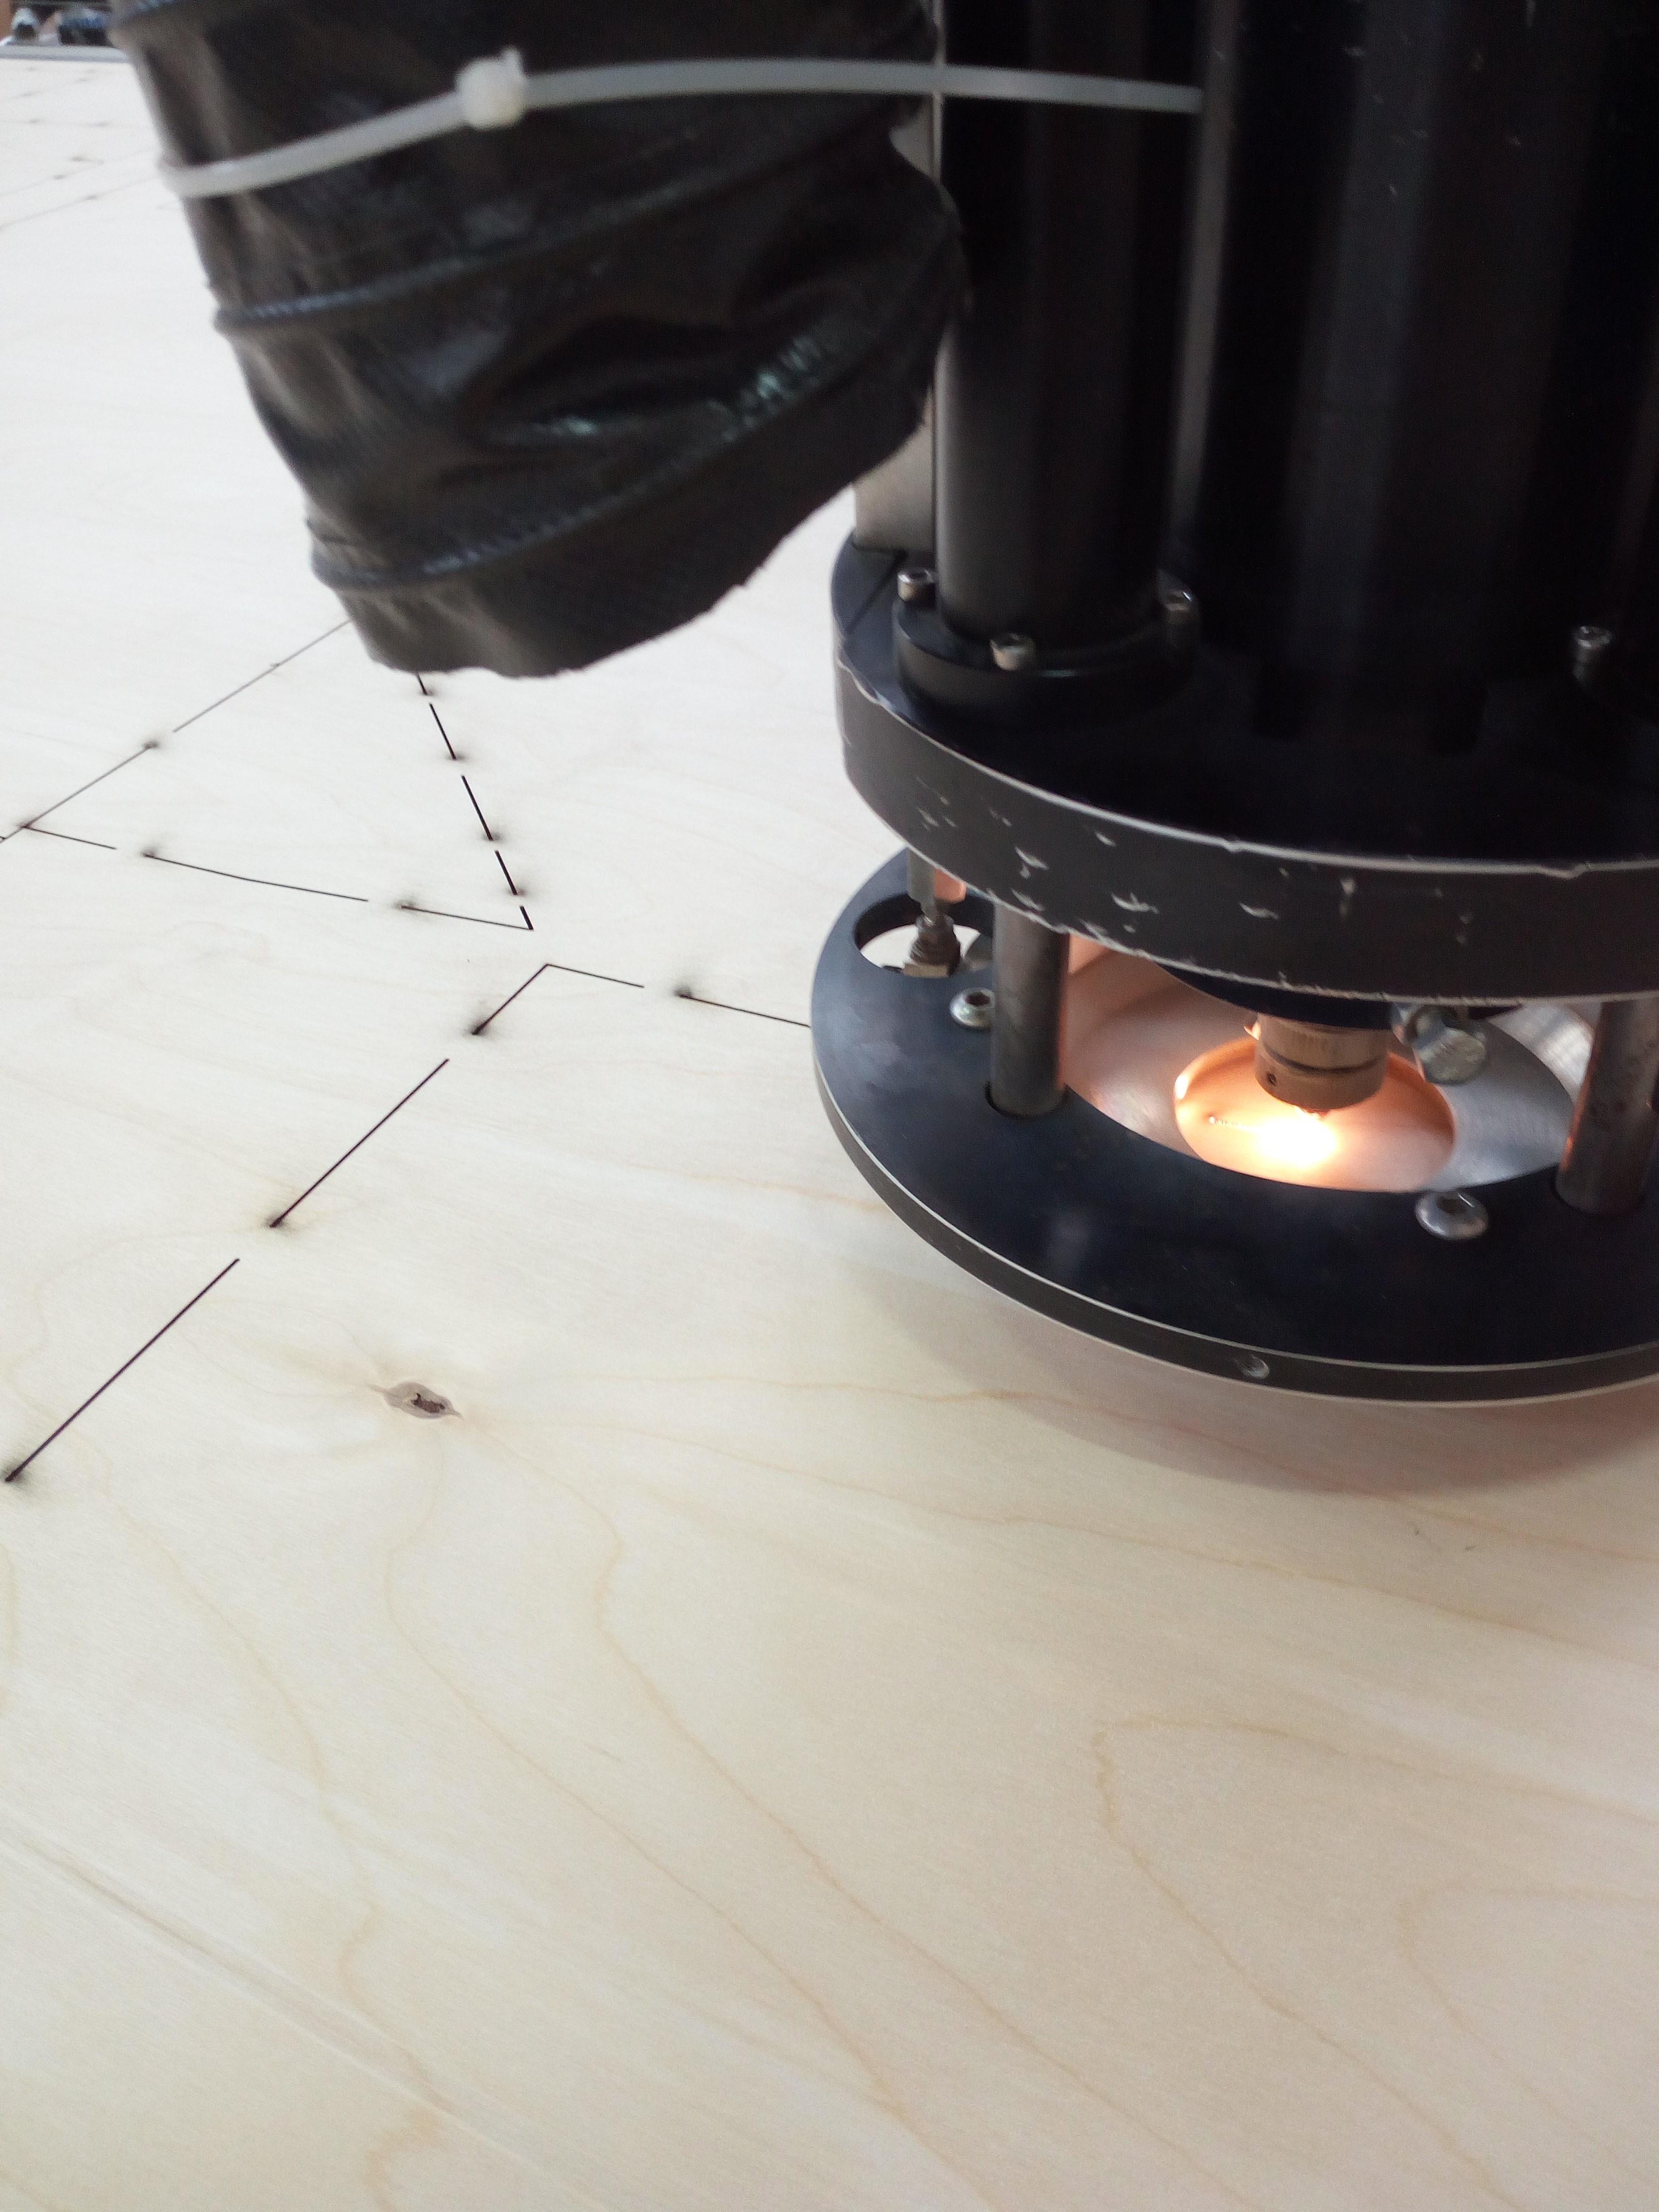 Taglio-laser-stampi-rotativo-carpi